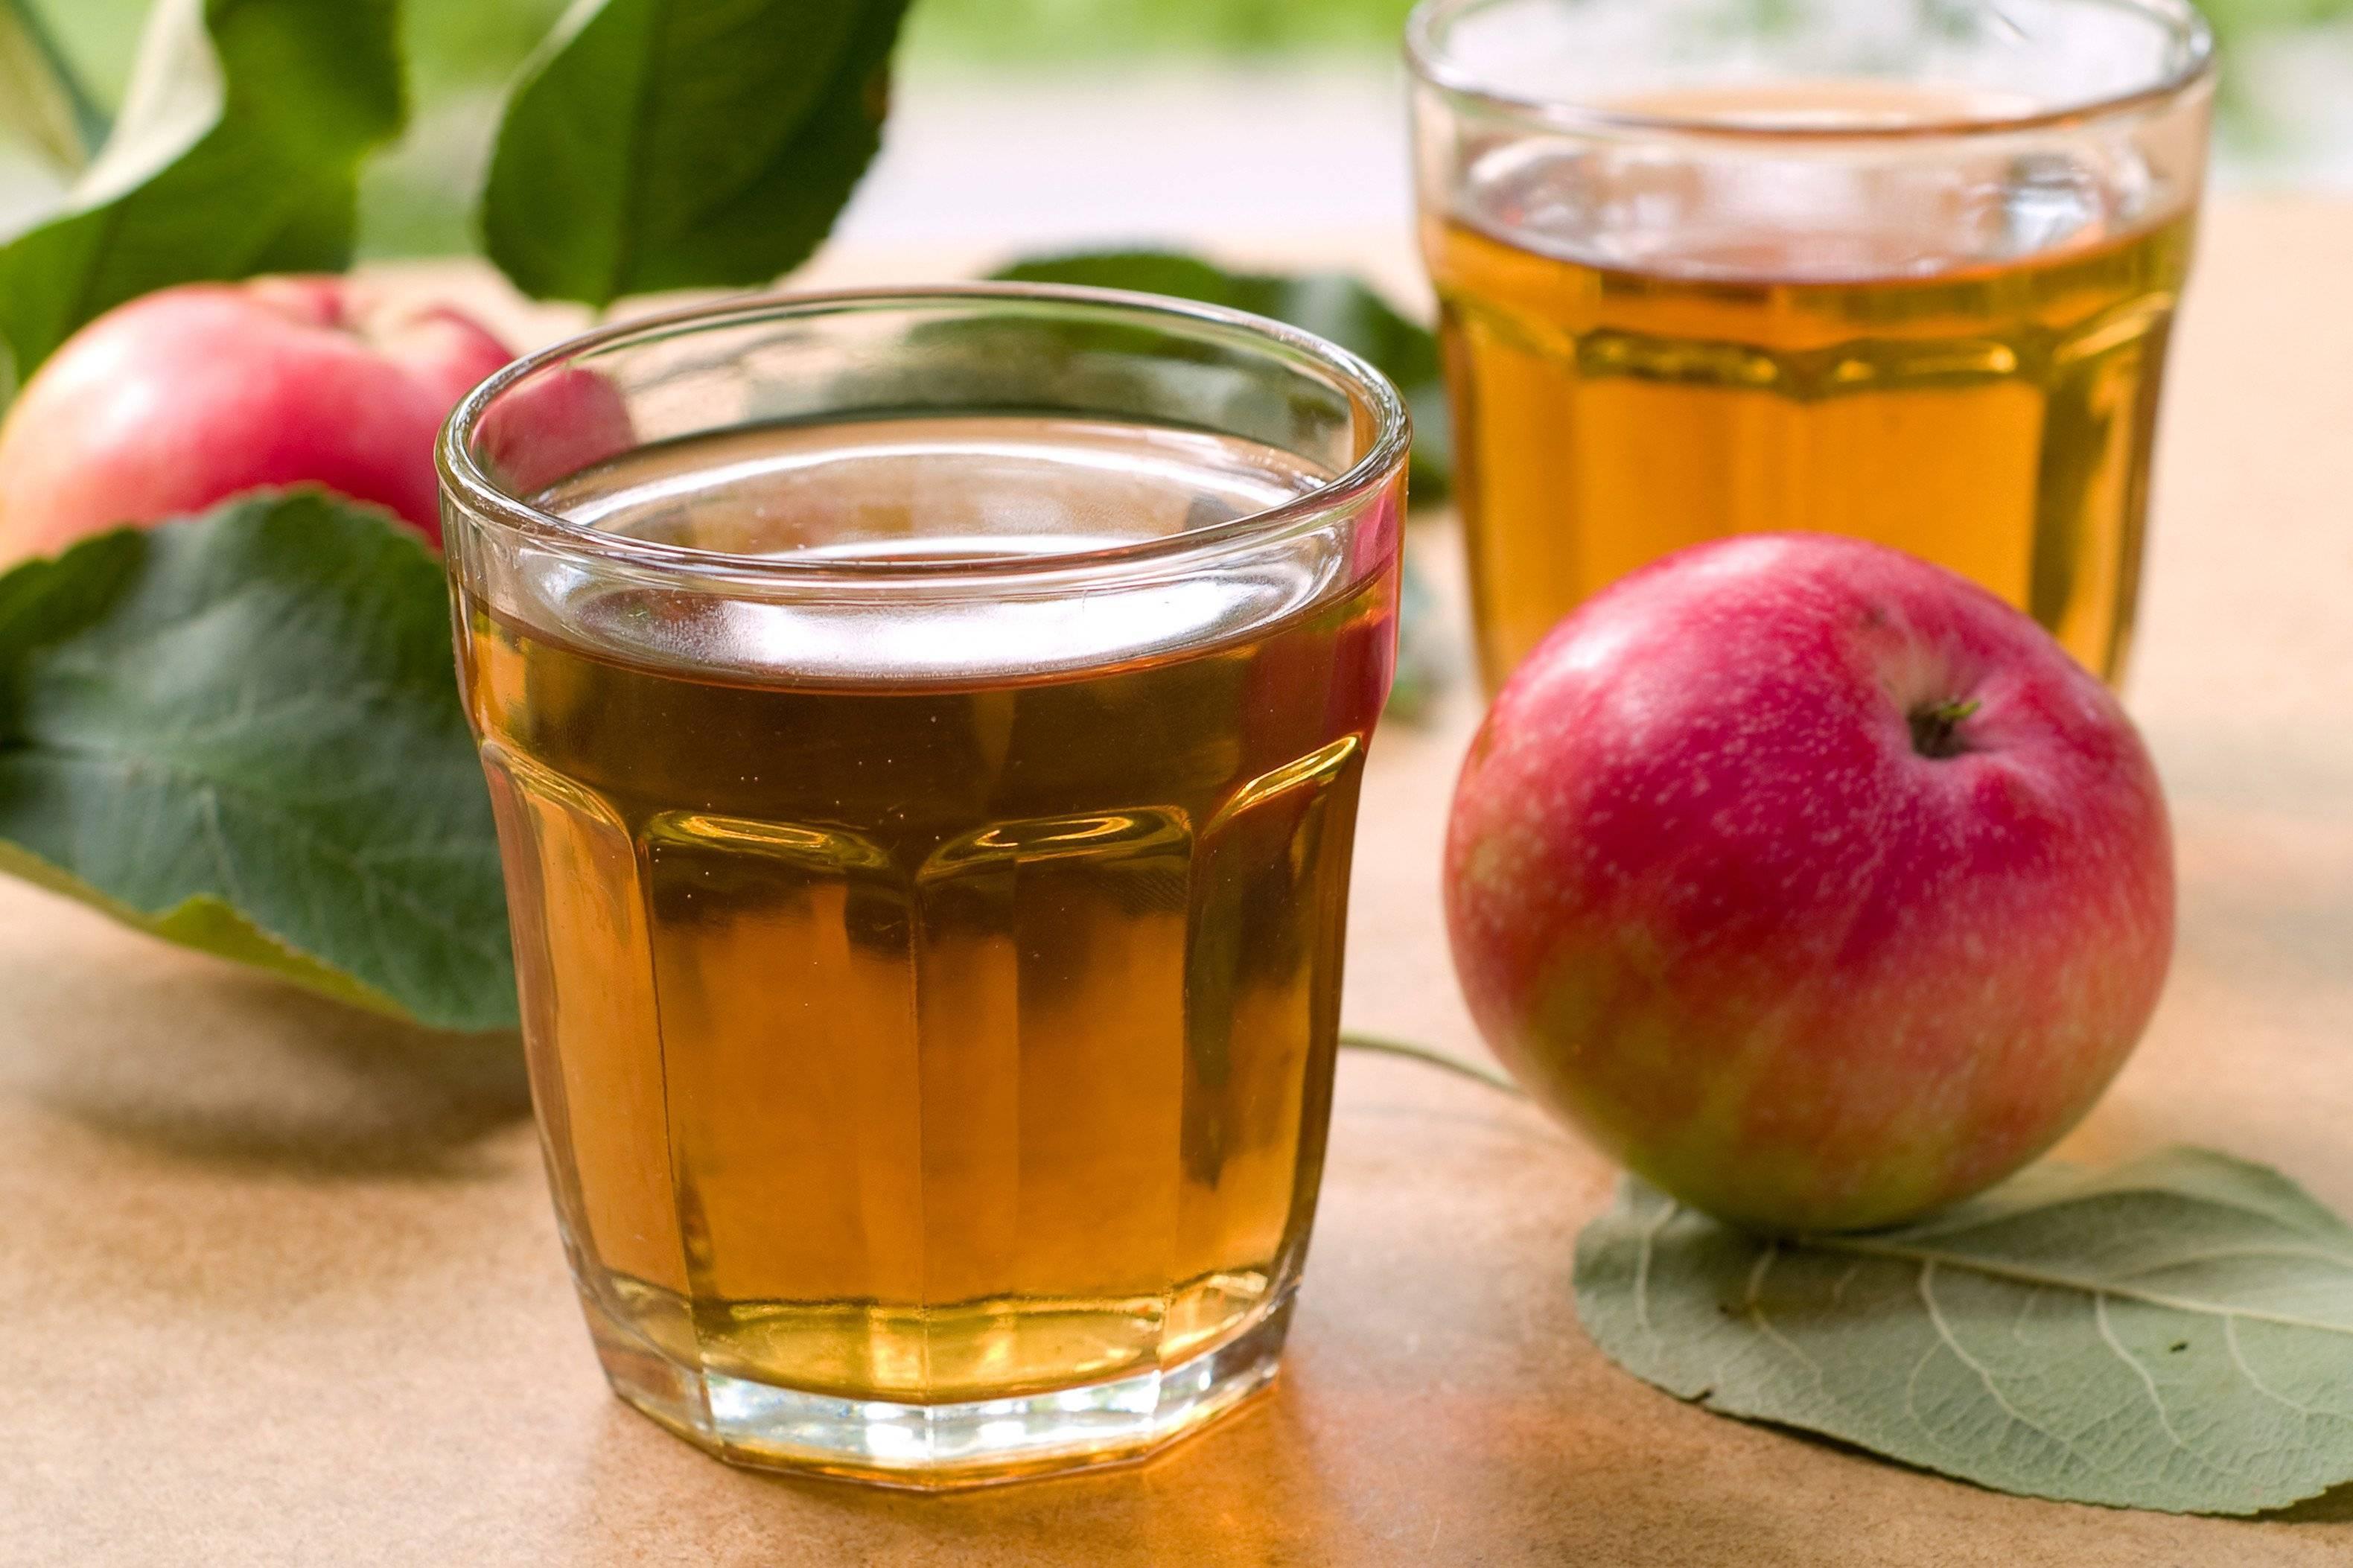 Рецепт молочный коктейль с яблочным соком. калорийность, химический состав и пищевая ценность.